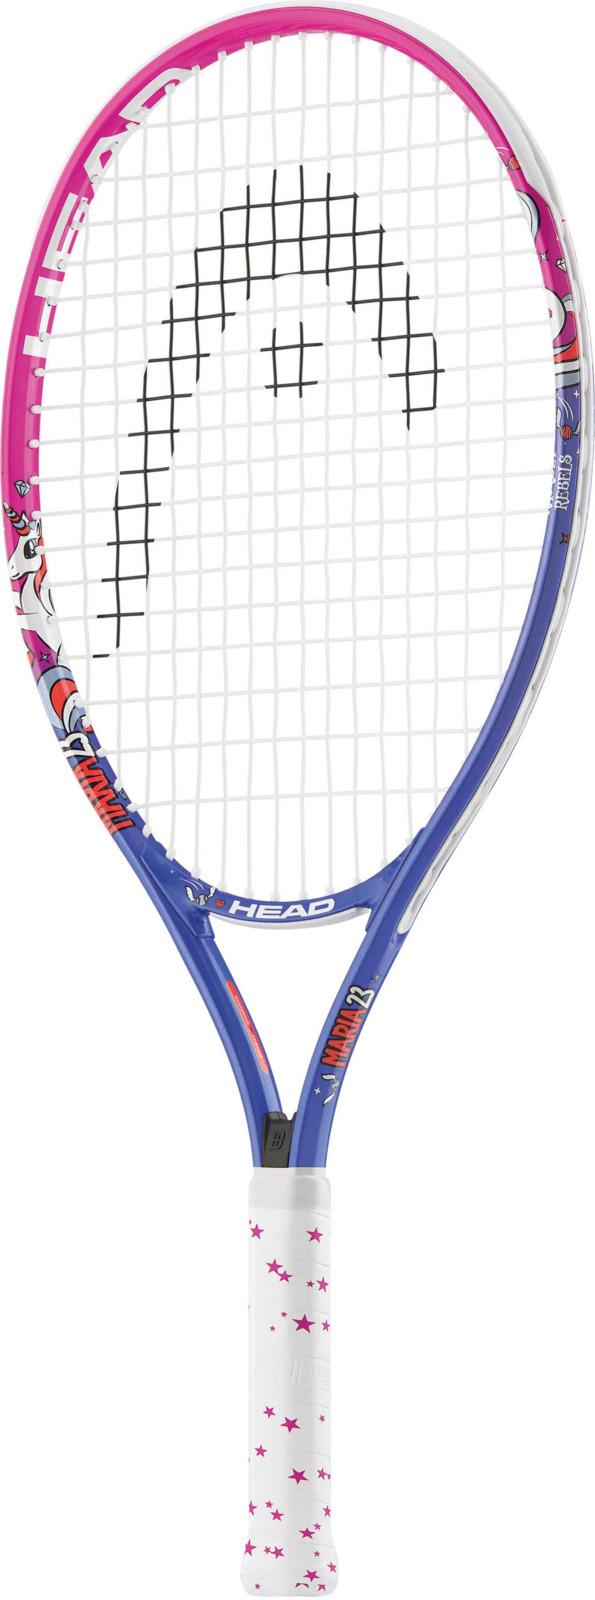 Ракетка для тенниса детская Head Maria 23, розовый, ручка 6233418Детская ракетка для начала обучения.